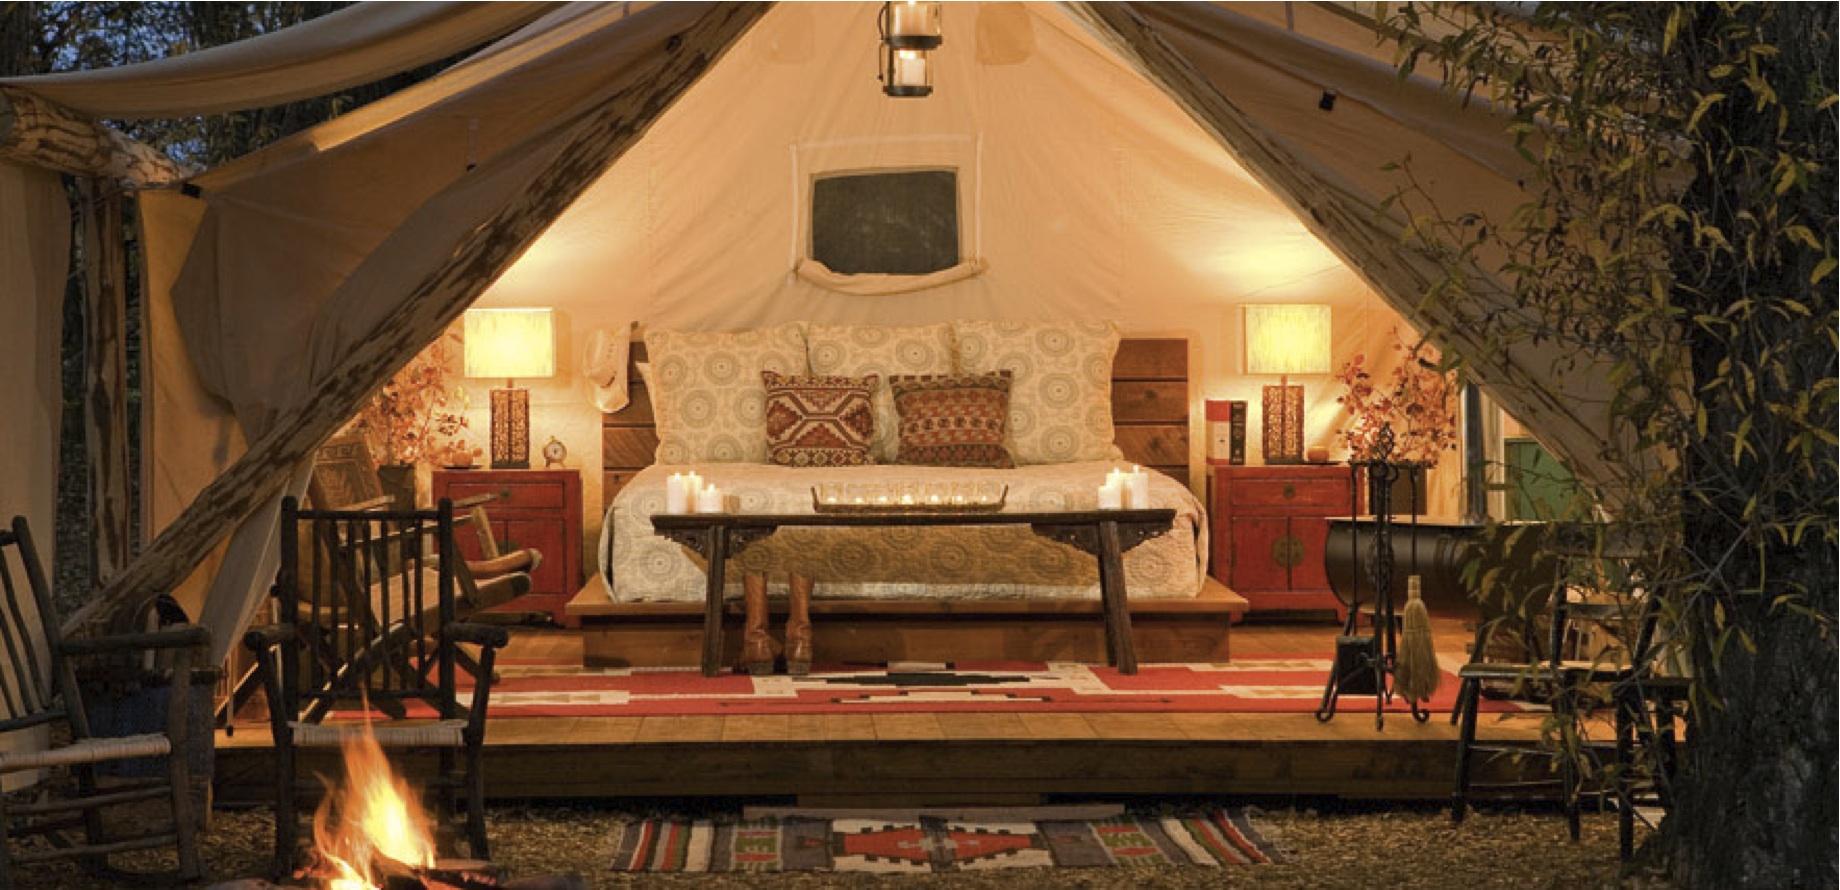 [Image: Luxury-Campsite.jpg]